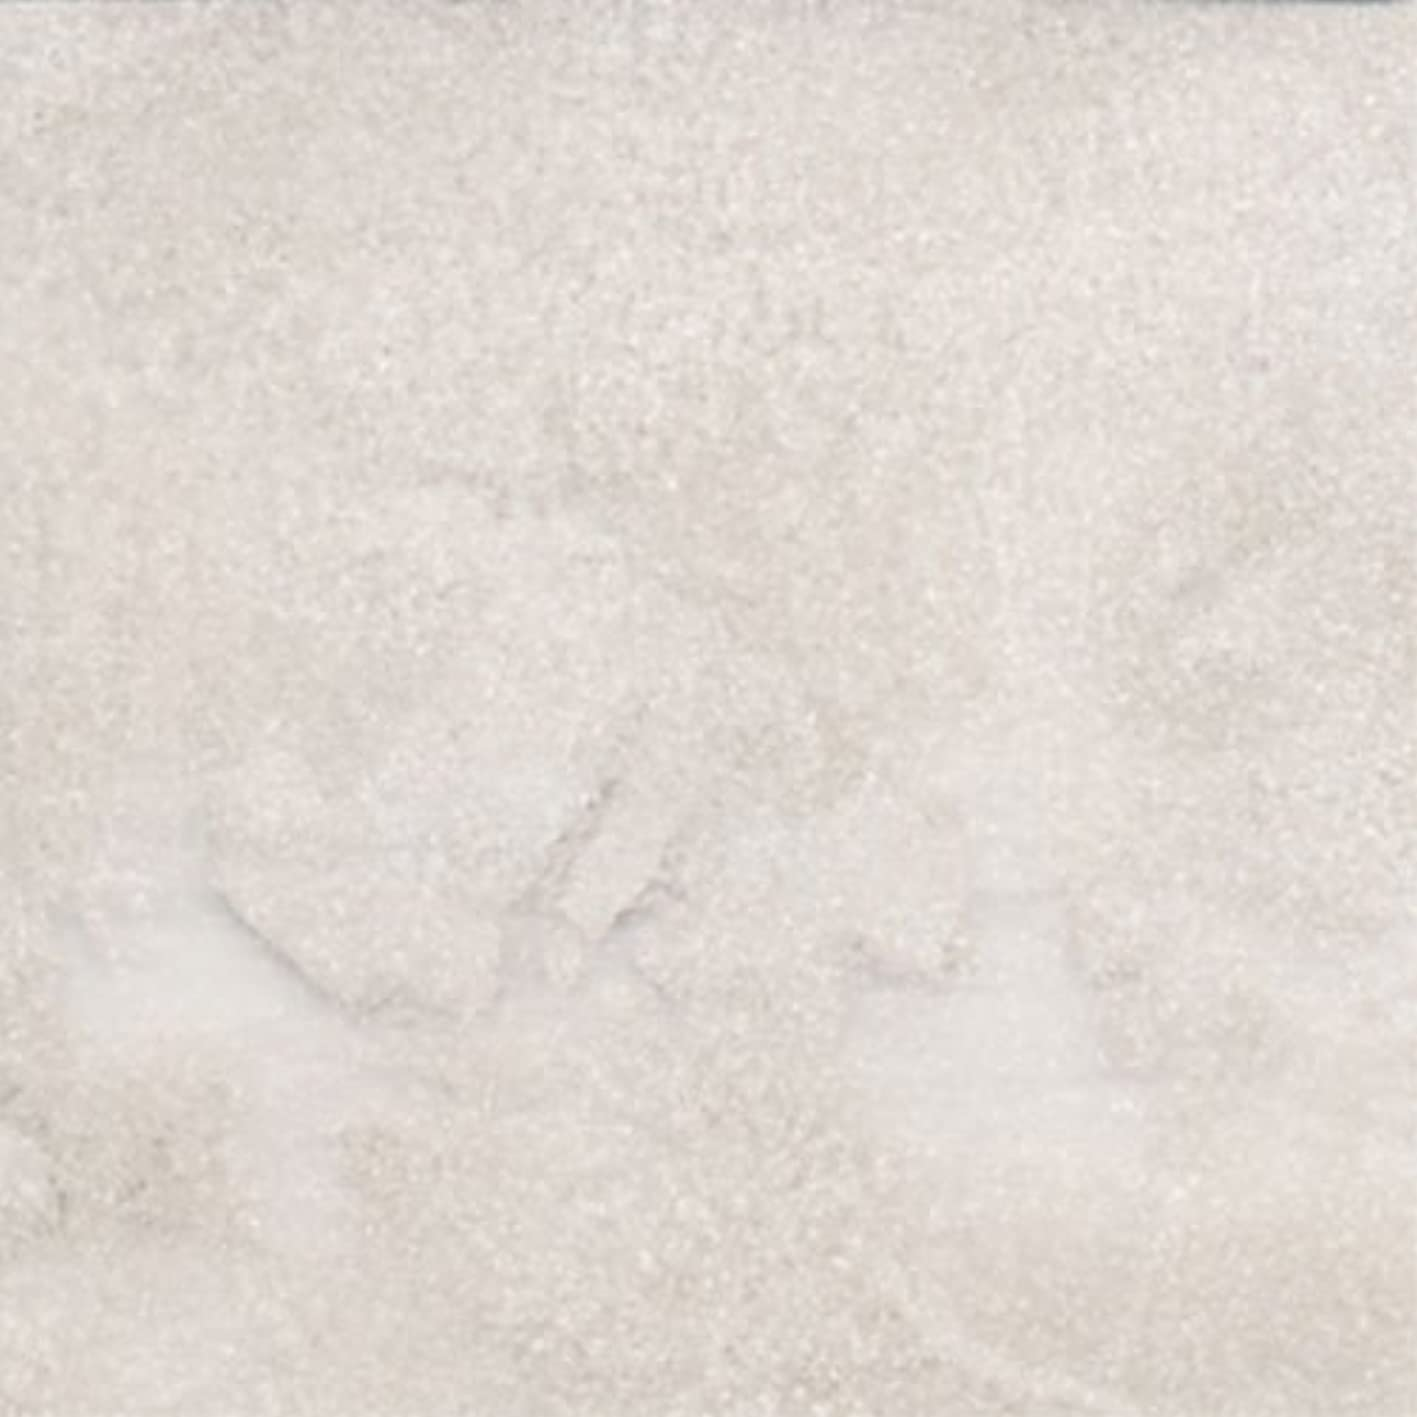 誤解させるアジャ母性ピカエース ネイル用パウダー パステルパウダー #840 ホワイト 0.25g